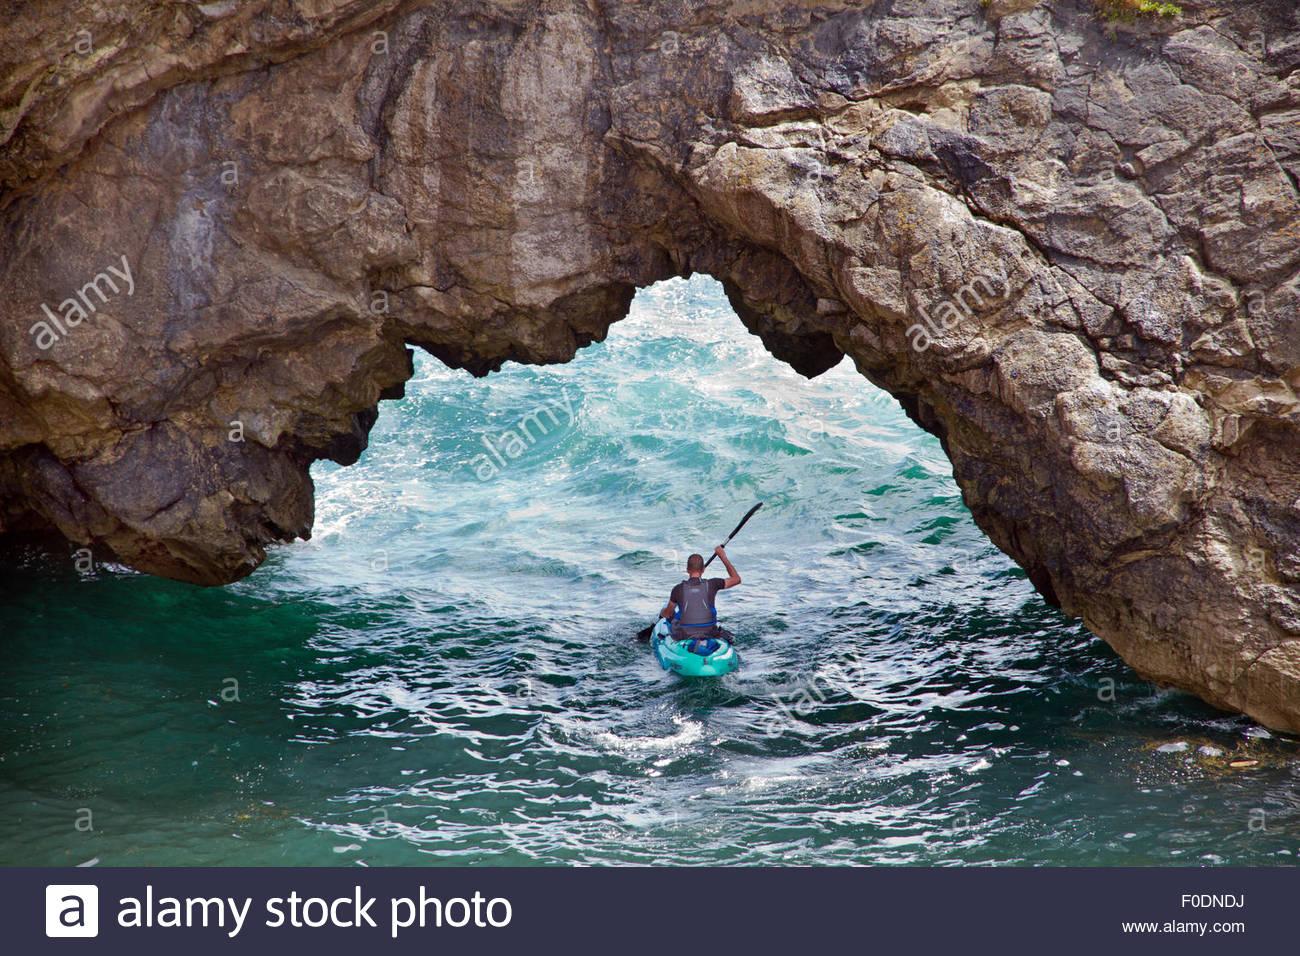 Hombre kayak aunque brecha en el muro acantilado. Imagen De Stock